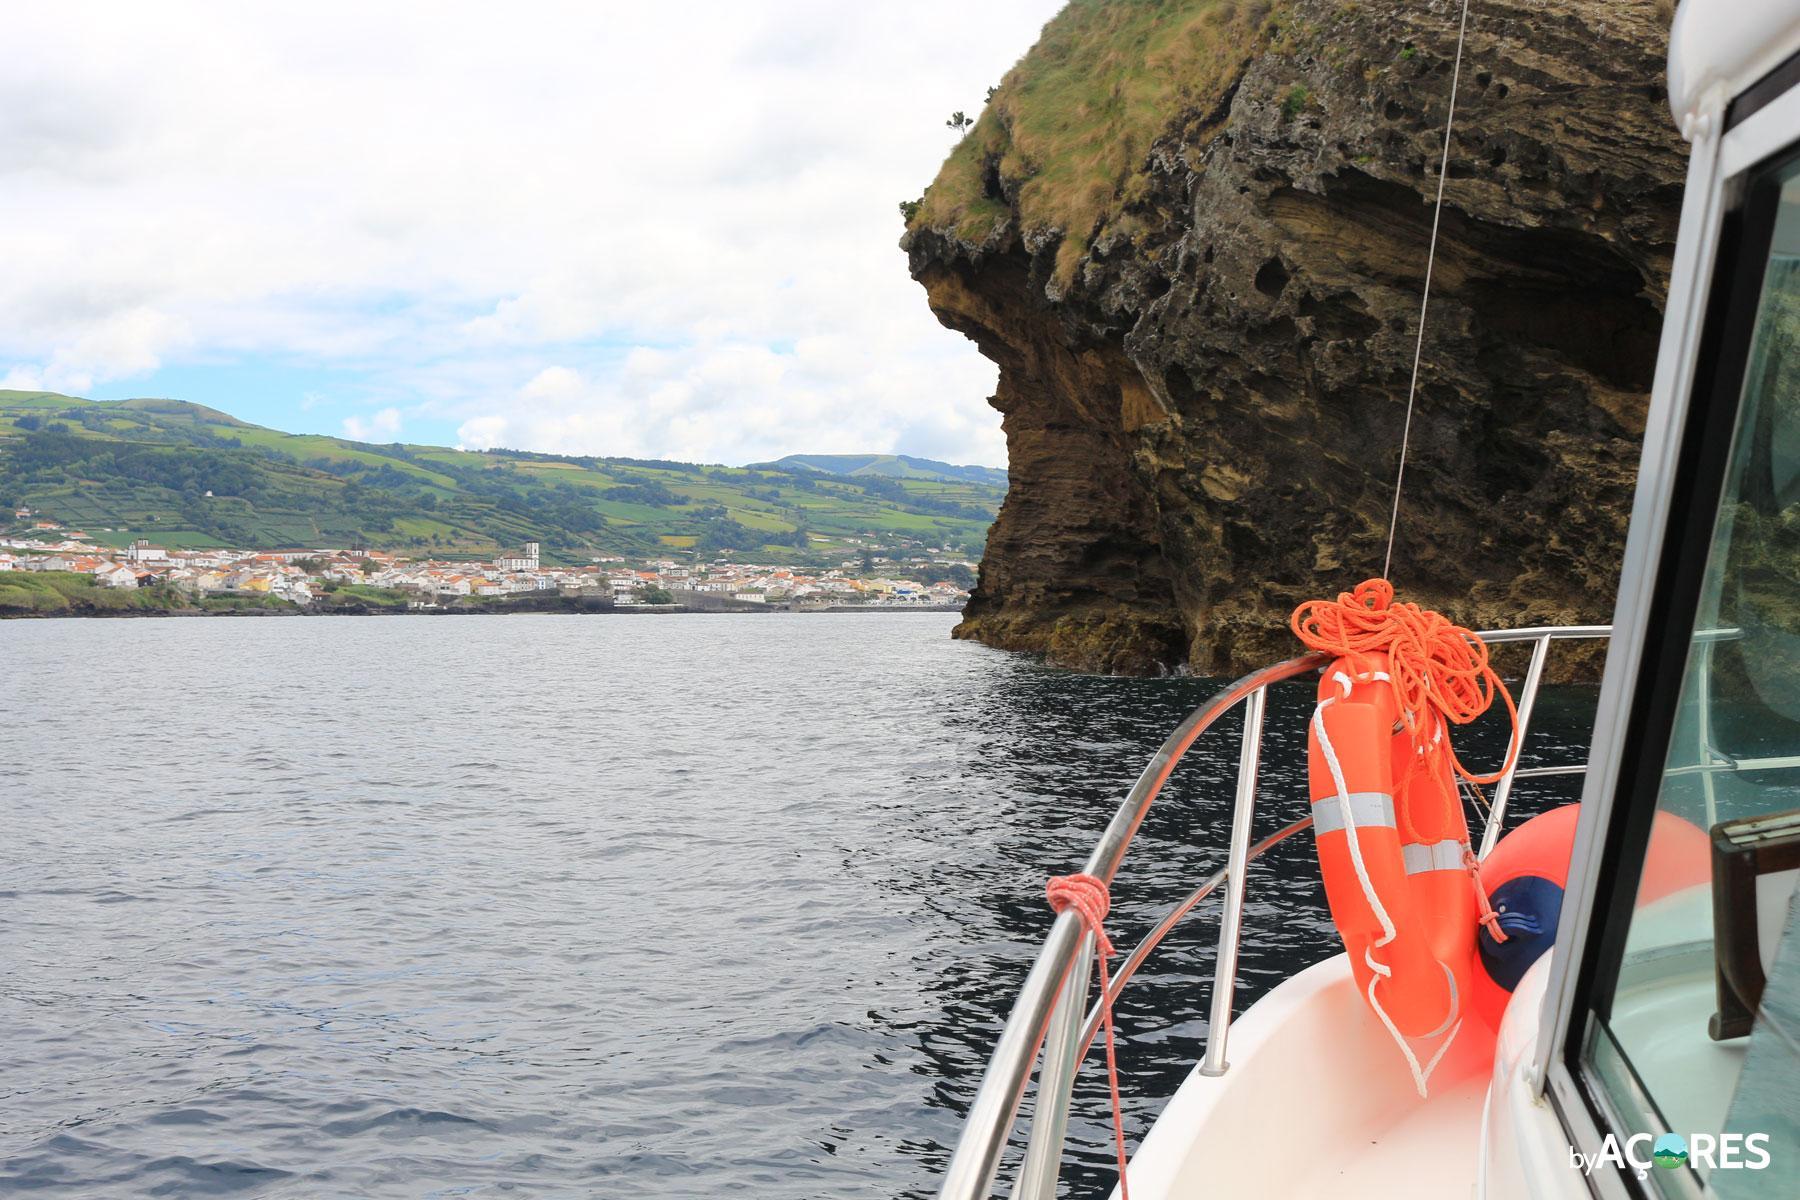 AzorSea Adventures - São Miguel, Açores